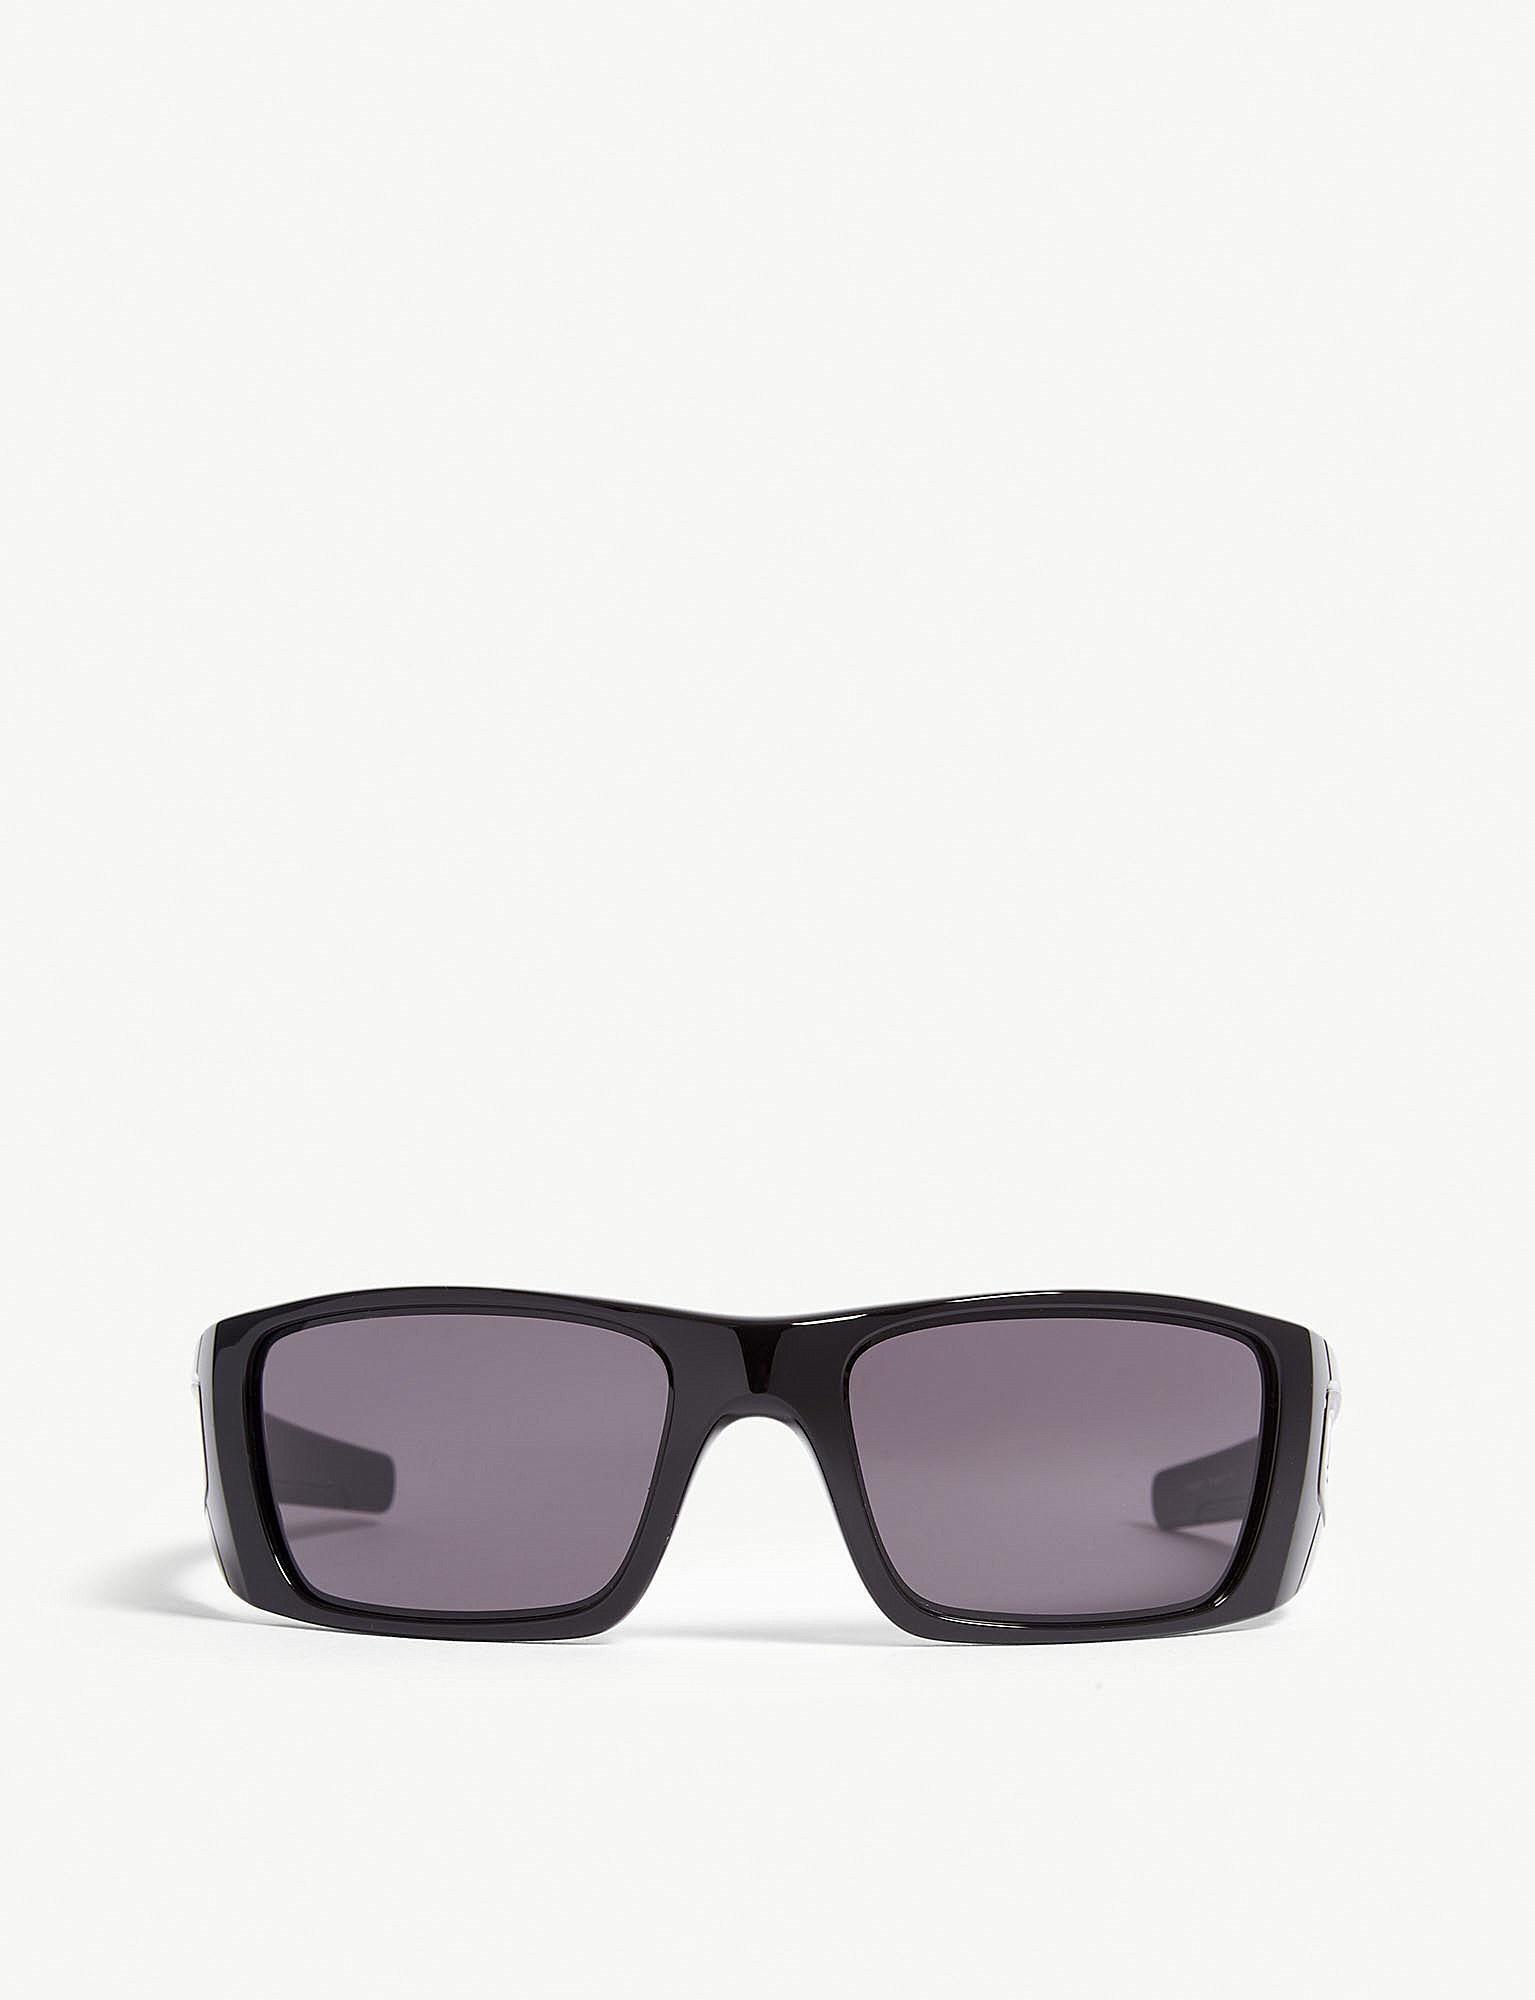 82452e38623 Lyst - Oakley Fuel Cell Rectangle-frame Sunglasses in Black for Men